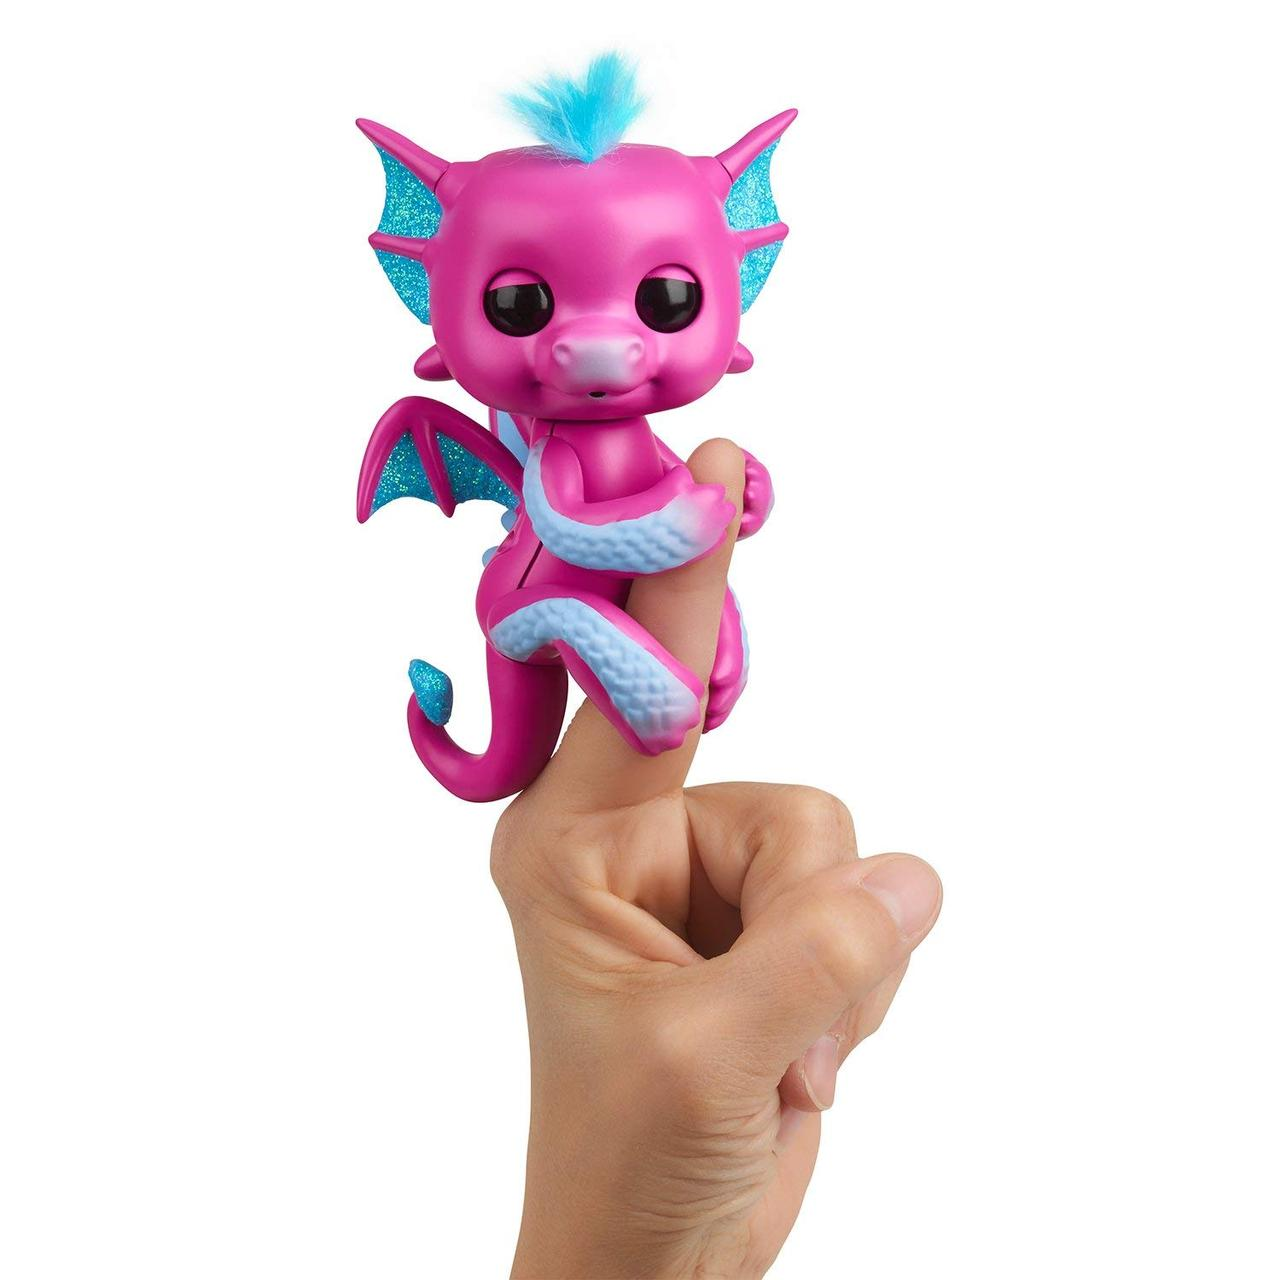 Интерактивный дракончик Розовый, Glitter Dragon, WowWee Fingerlings Оригинал из США